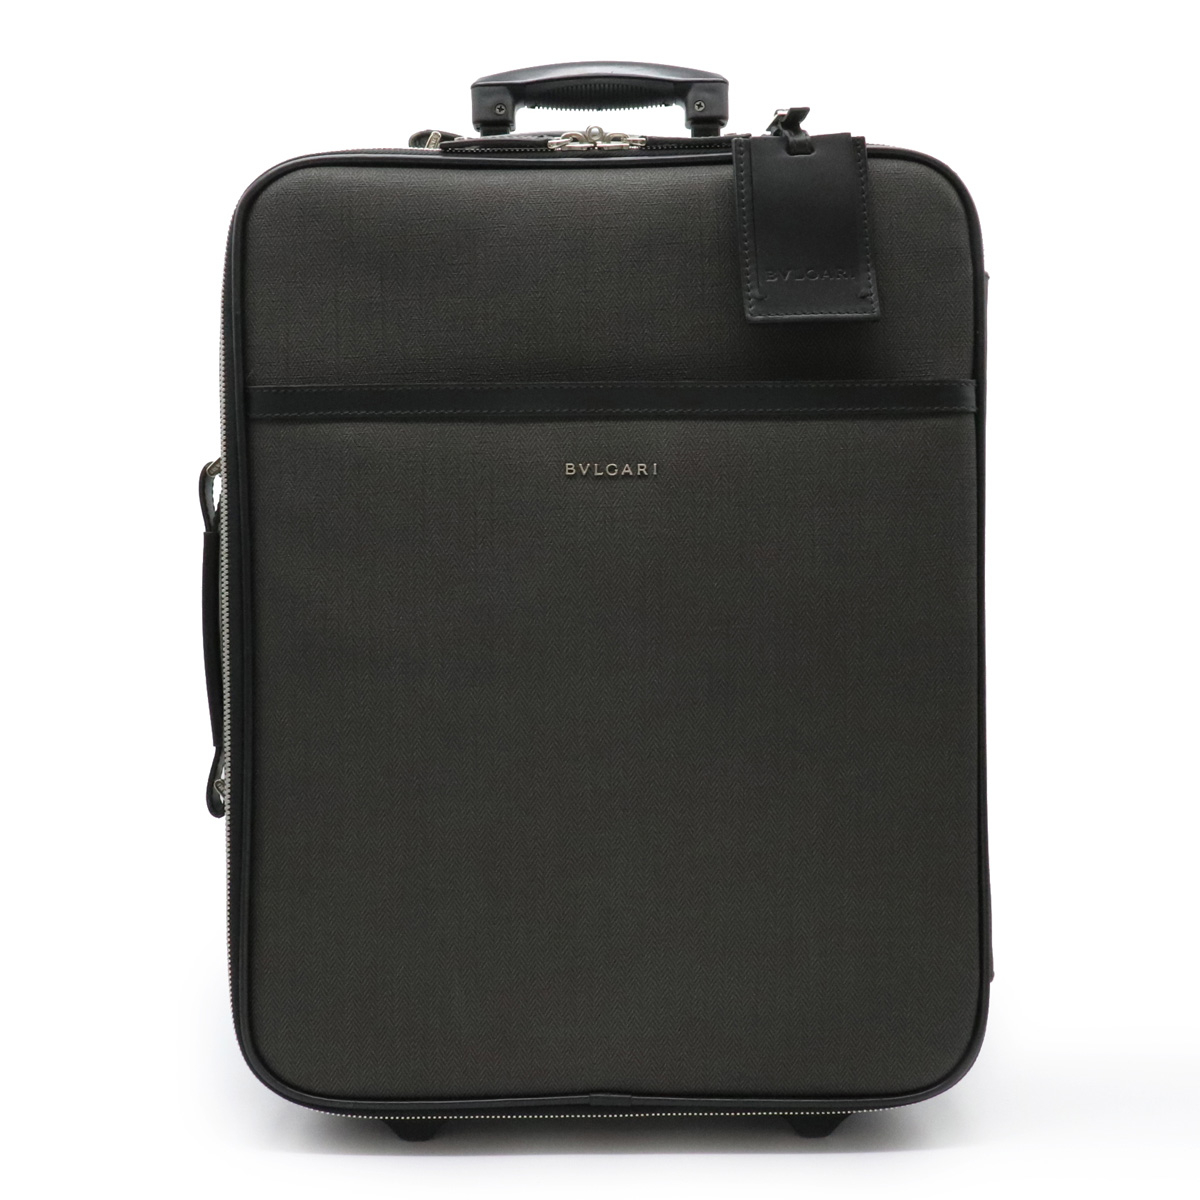 【バッグ】BVLGARI ブルガリ ウィークエンド キャリーバッグ スーツケース トラベルバッグ 旅行用 PVC レザー 黒 ブラック ダークグレー 32248 【中古】